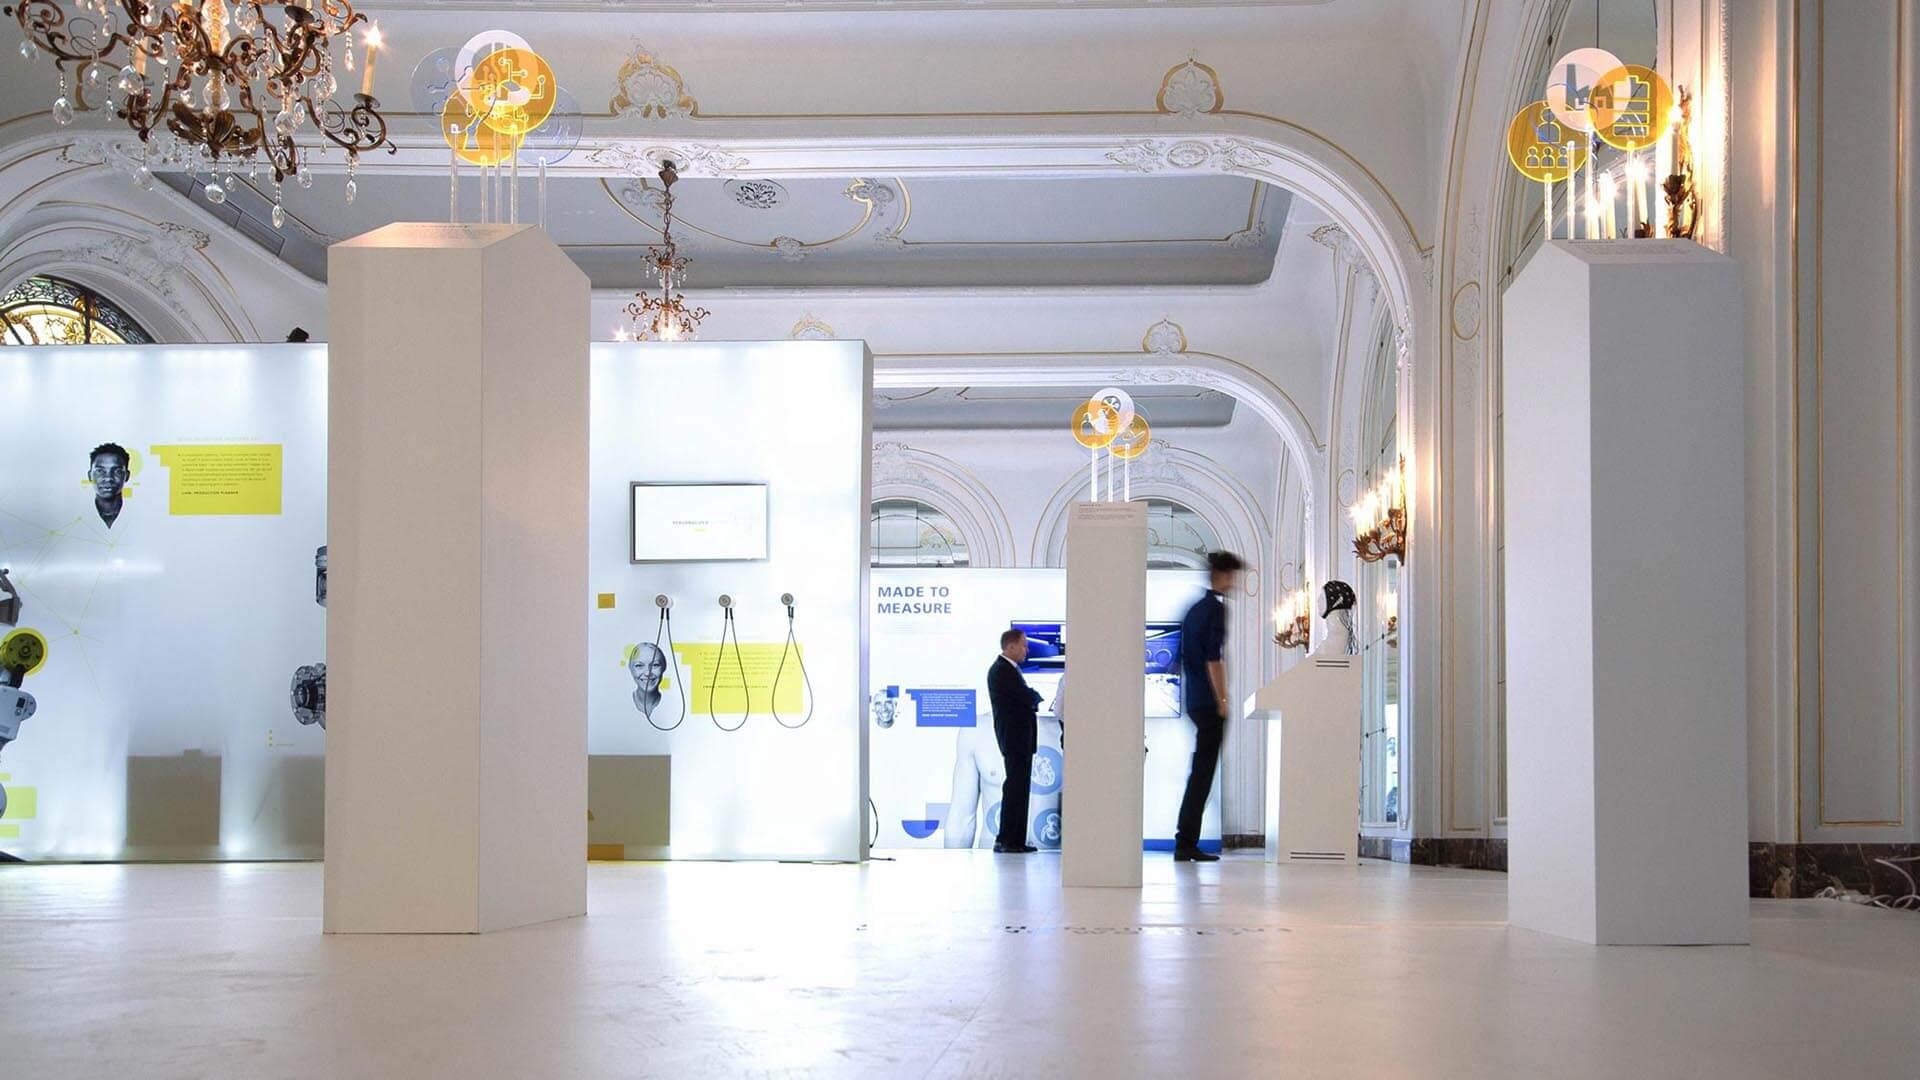 Die Messe des Fraunhofer Instituts zeigt es: Das Arbeiten der Zukunft wird unterstützt werden von den Bereichen Virtual- und Augmented-Reality.